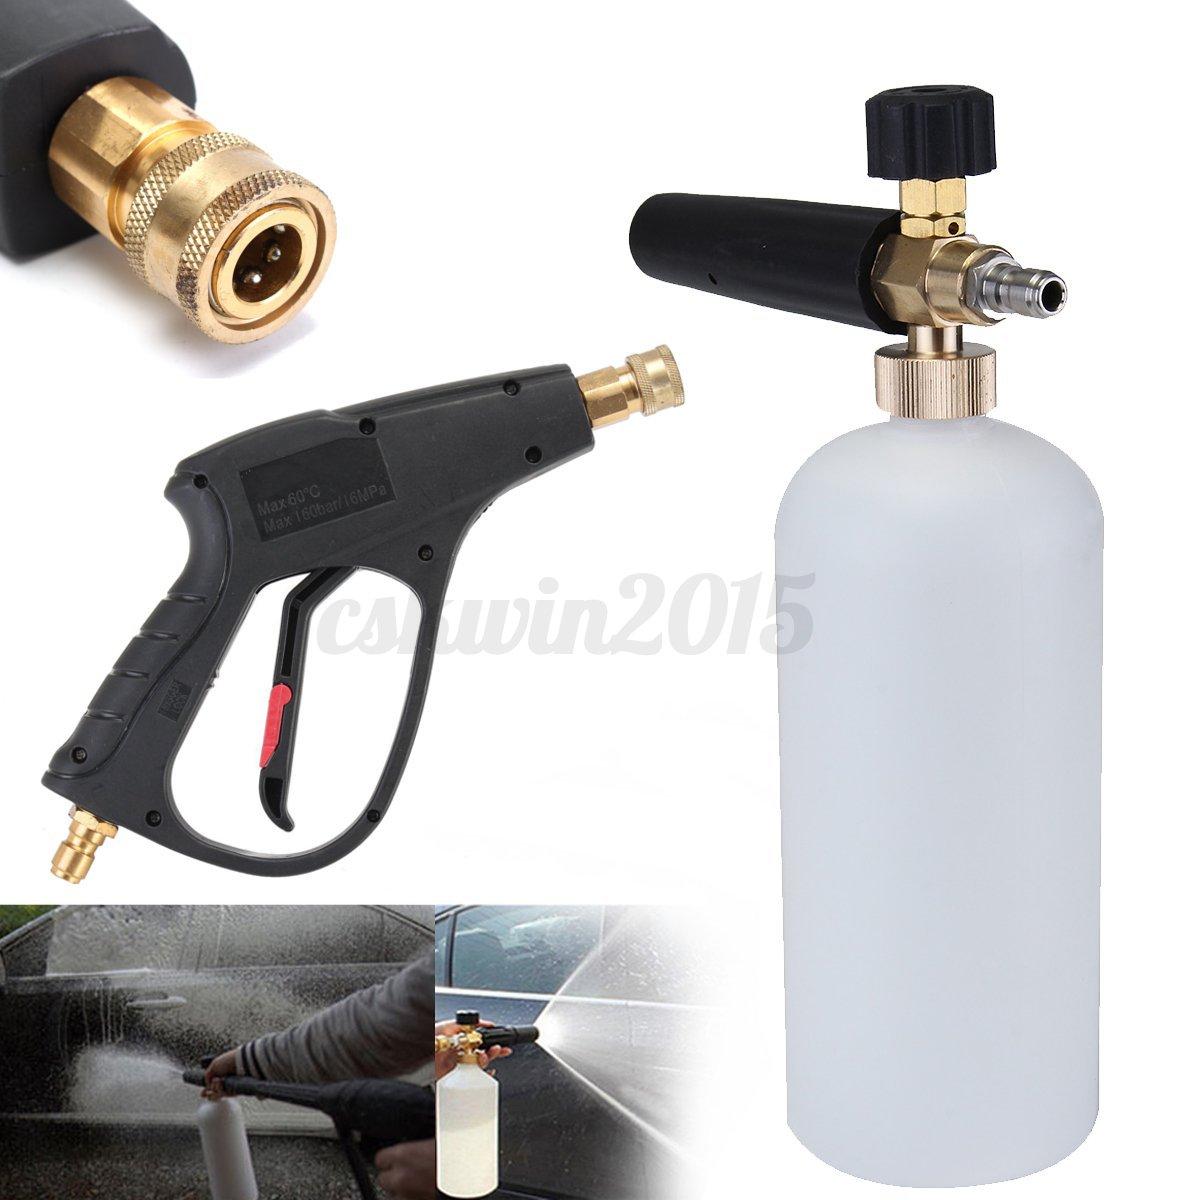 haute pression laveuse nettoyeur nettoyage brosse pistolet. Black Bedroom Furniture Sets. Home Design Ideas